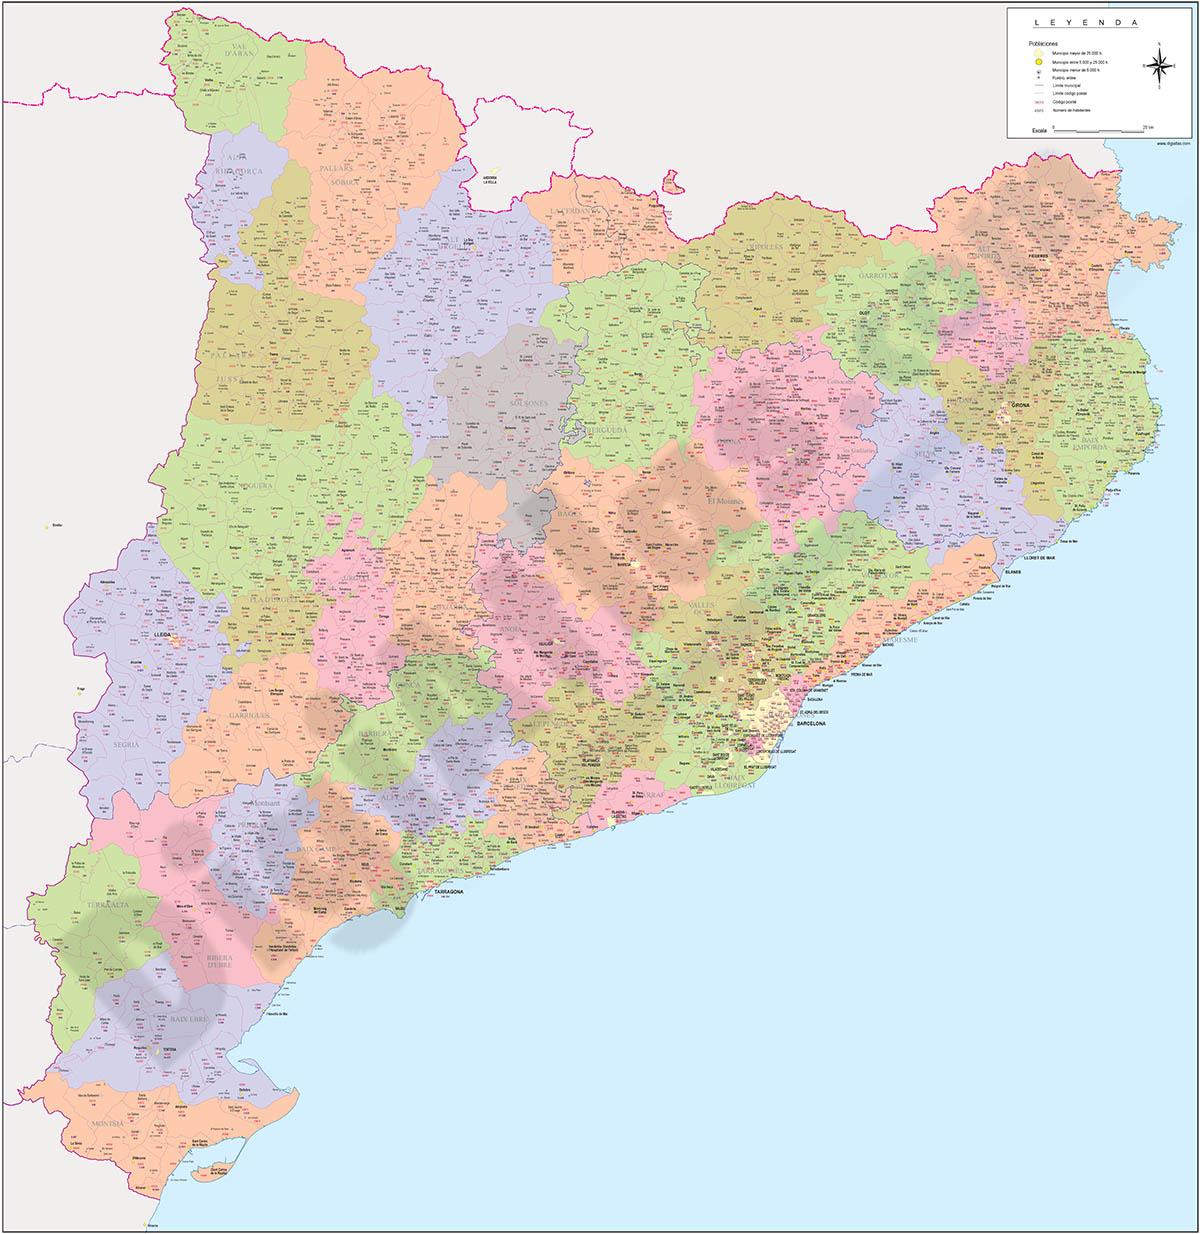 Catalunya - Mapa de códigos postales, municipios y número de habitantes